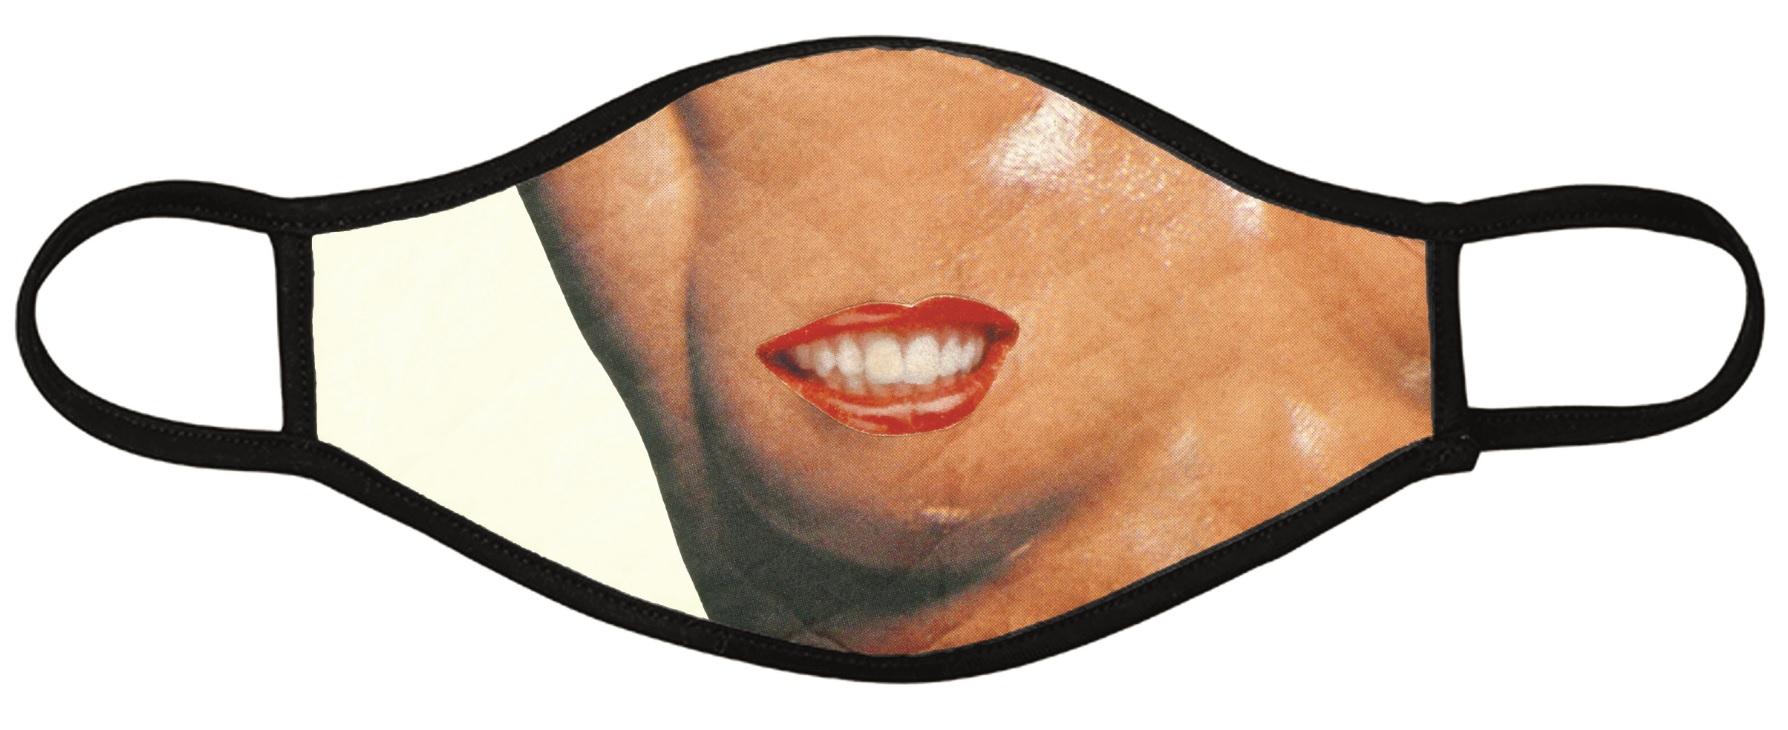 La mascherina in edizione limitata realizzata da Linder. Sarà possibile ottenerla con una donazione al Rapid Response Fund.